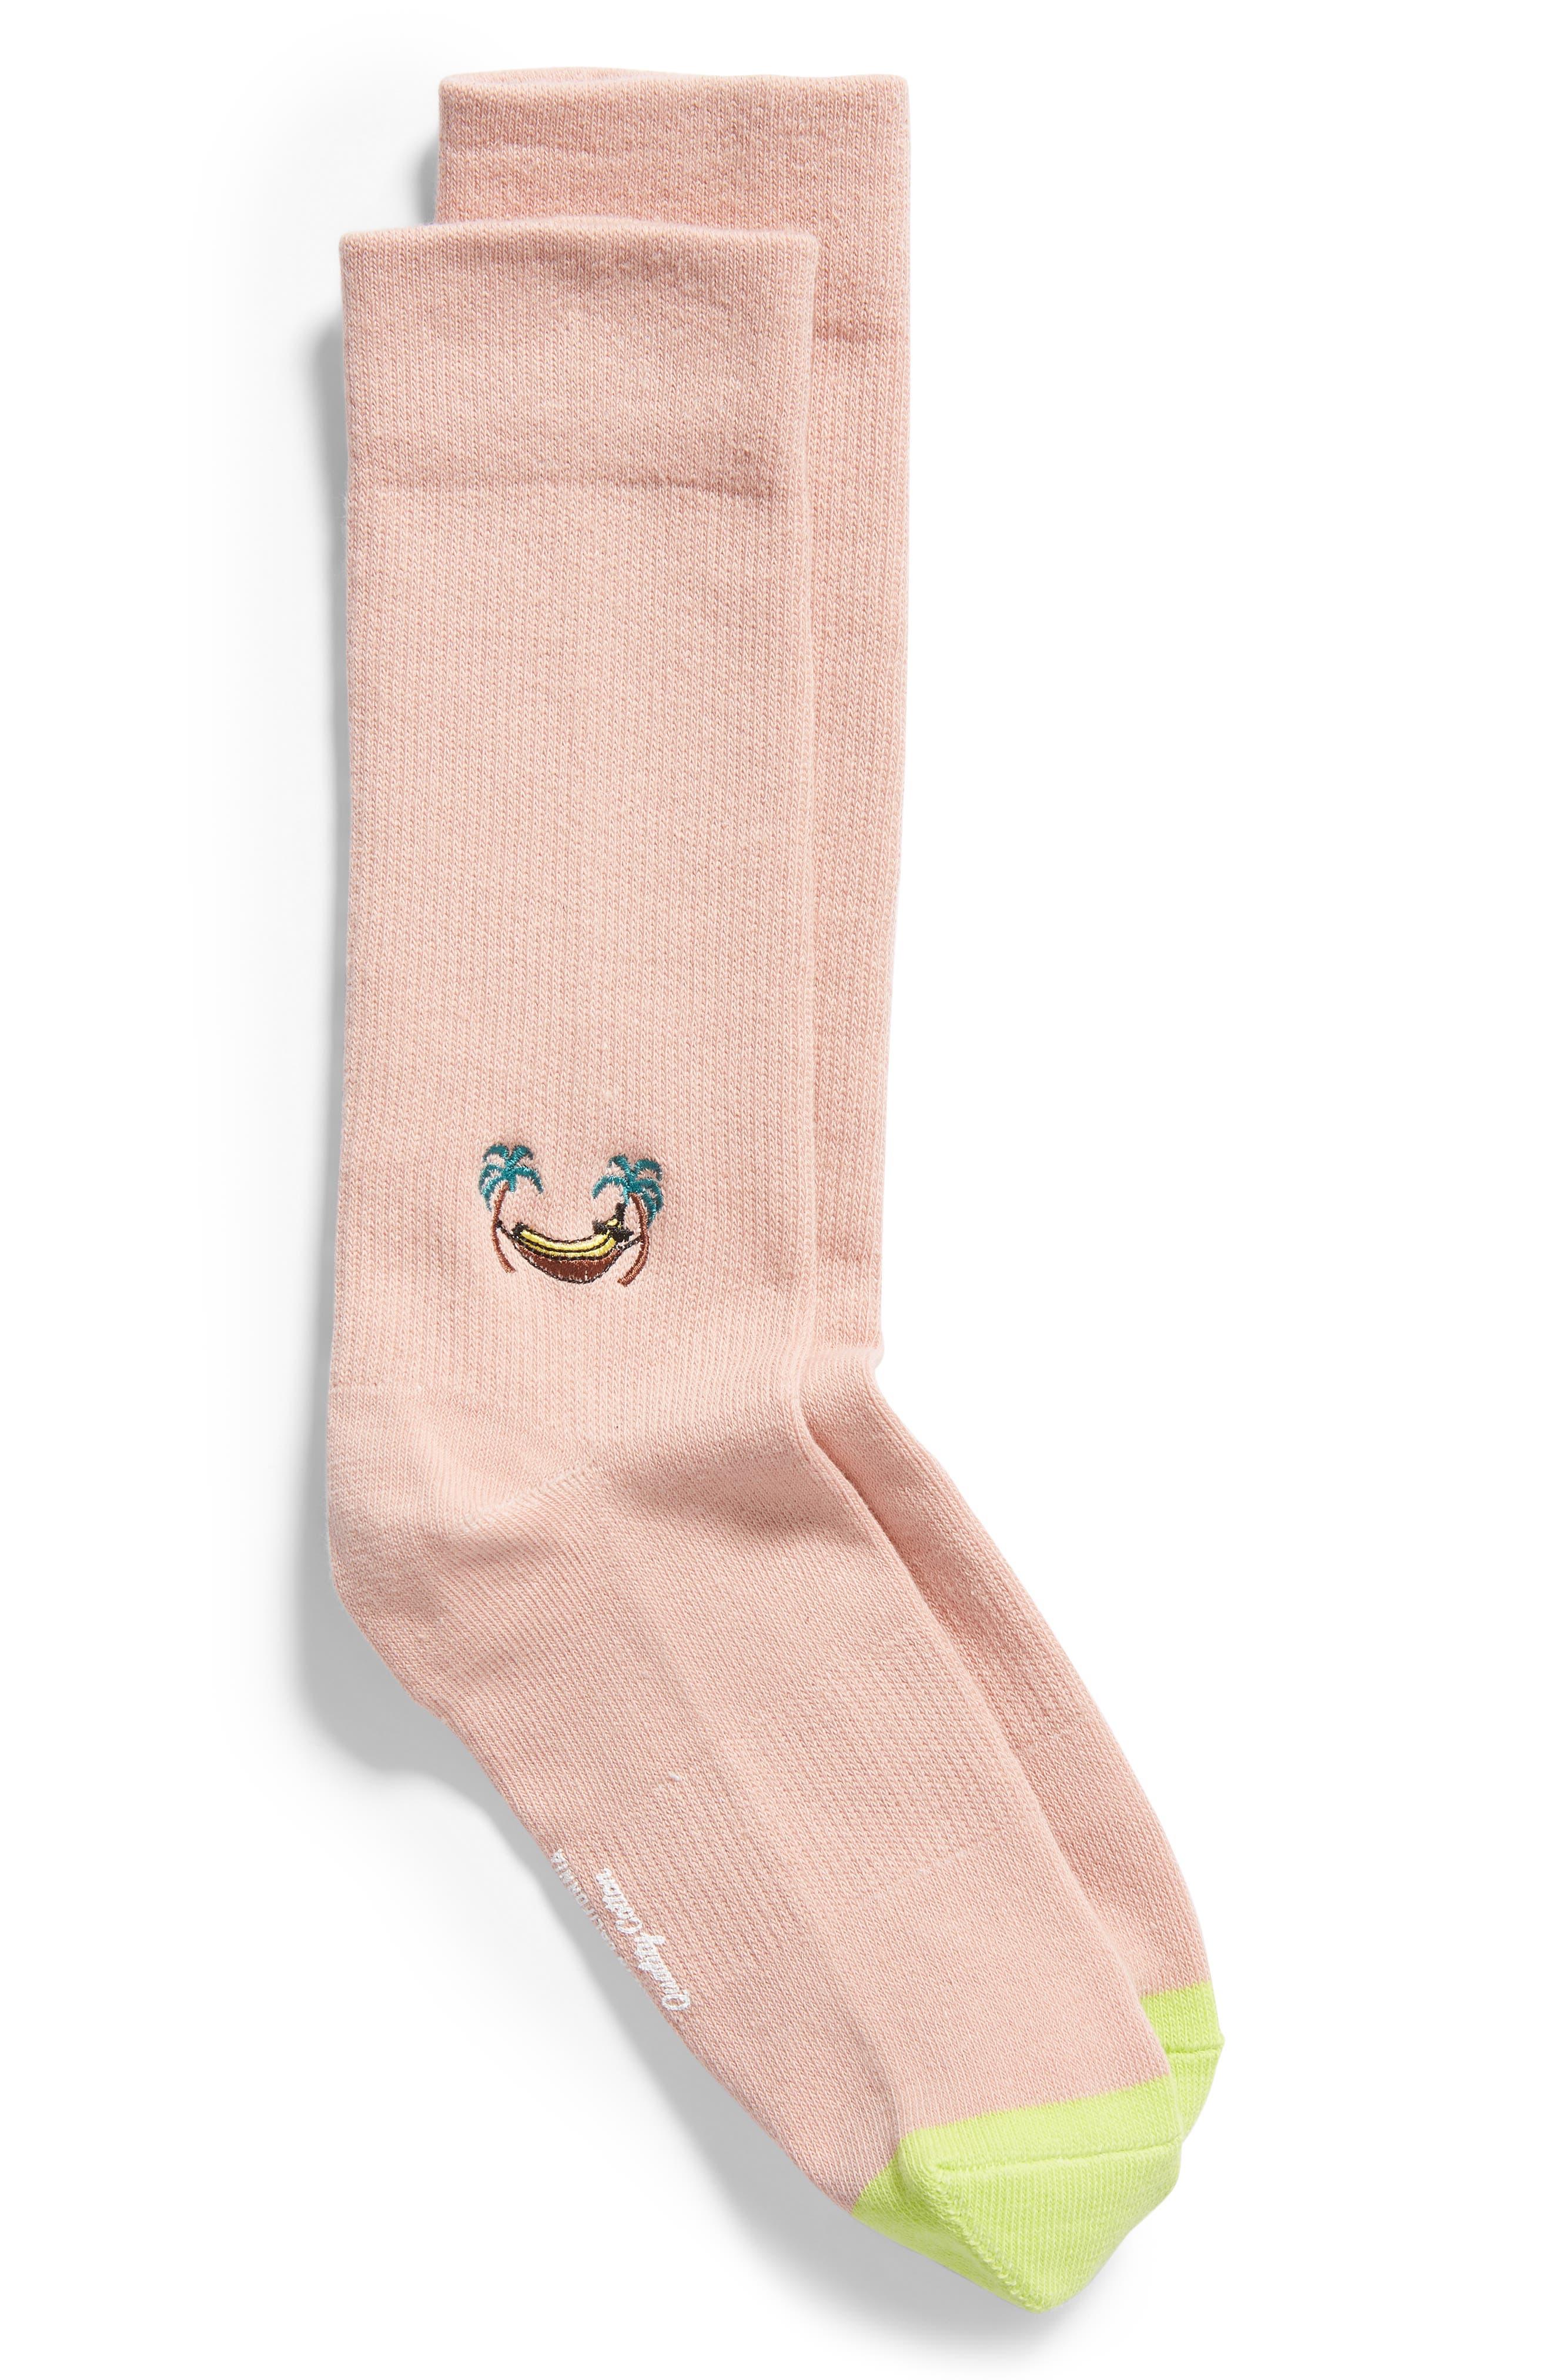 Banana Everyday Crew Socks,                             Main thumbnail 1, color,                             PINK